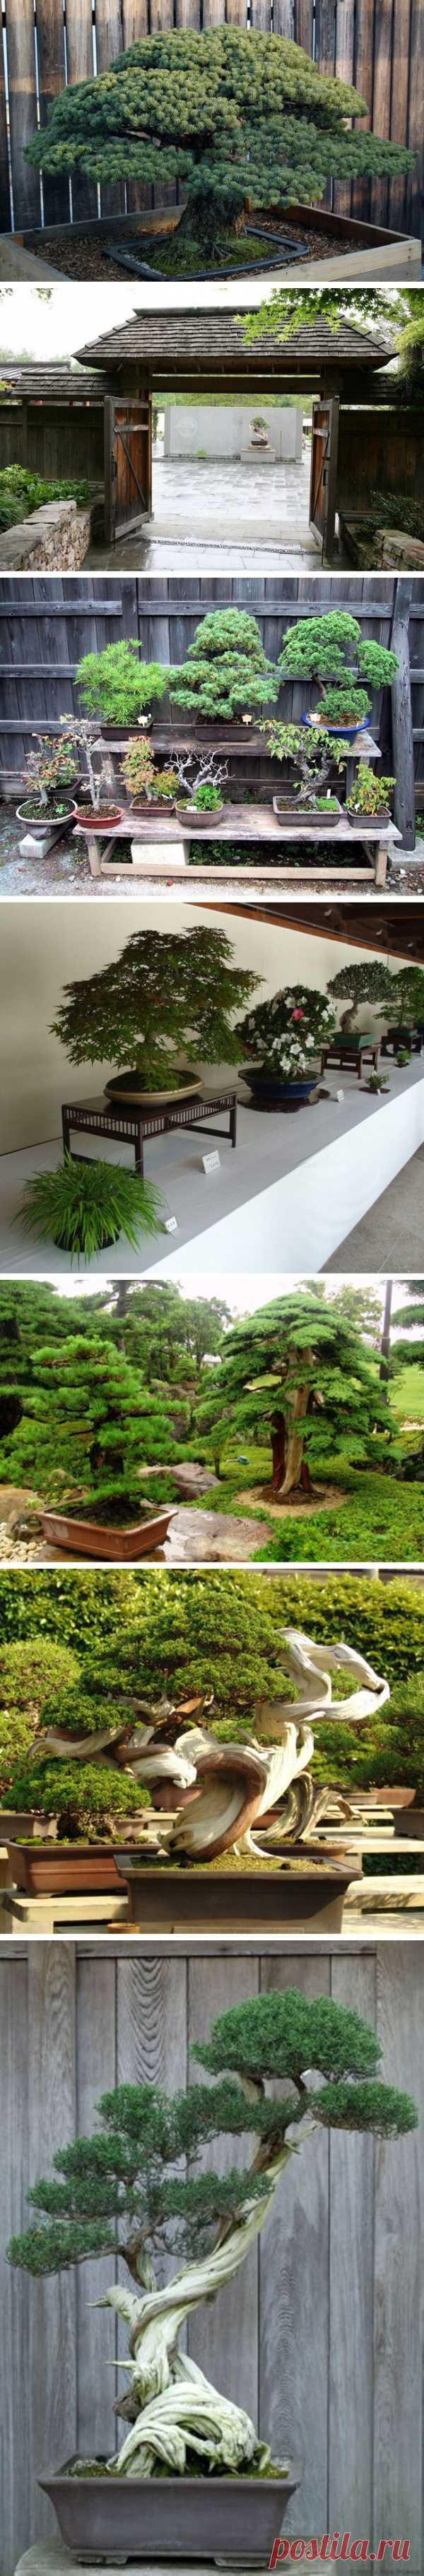 Необычный музей «Такаги» в Японии – музей бонсая